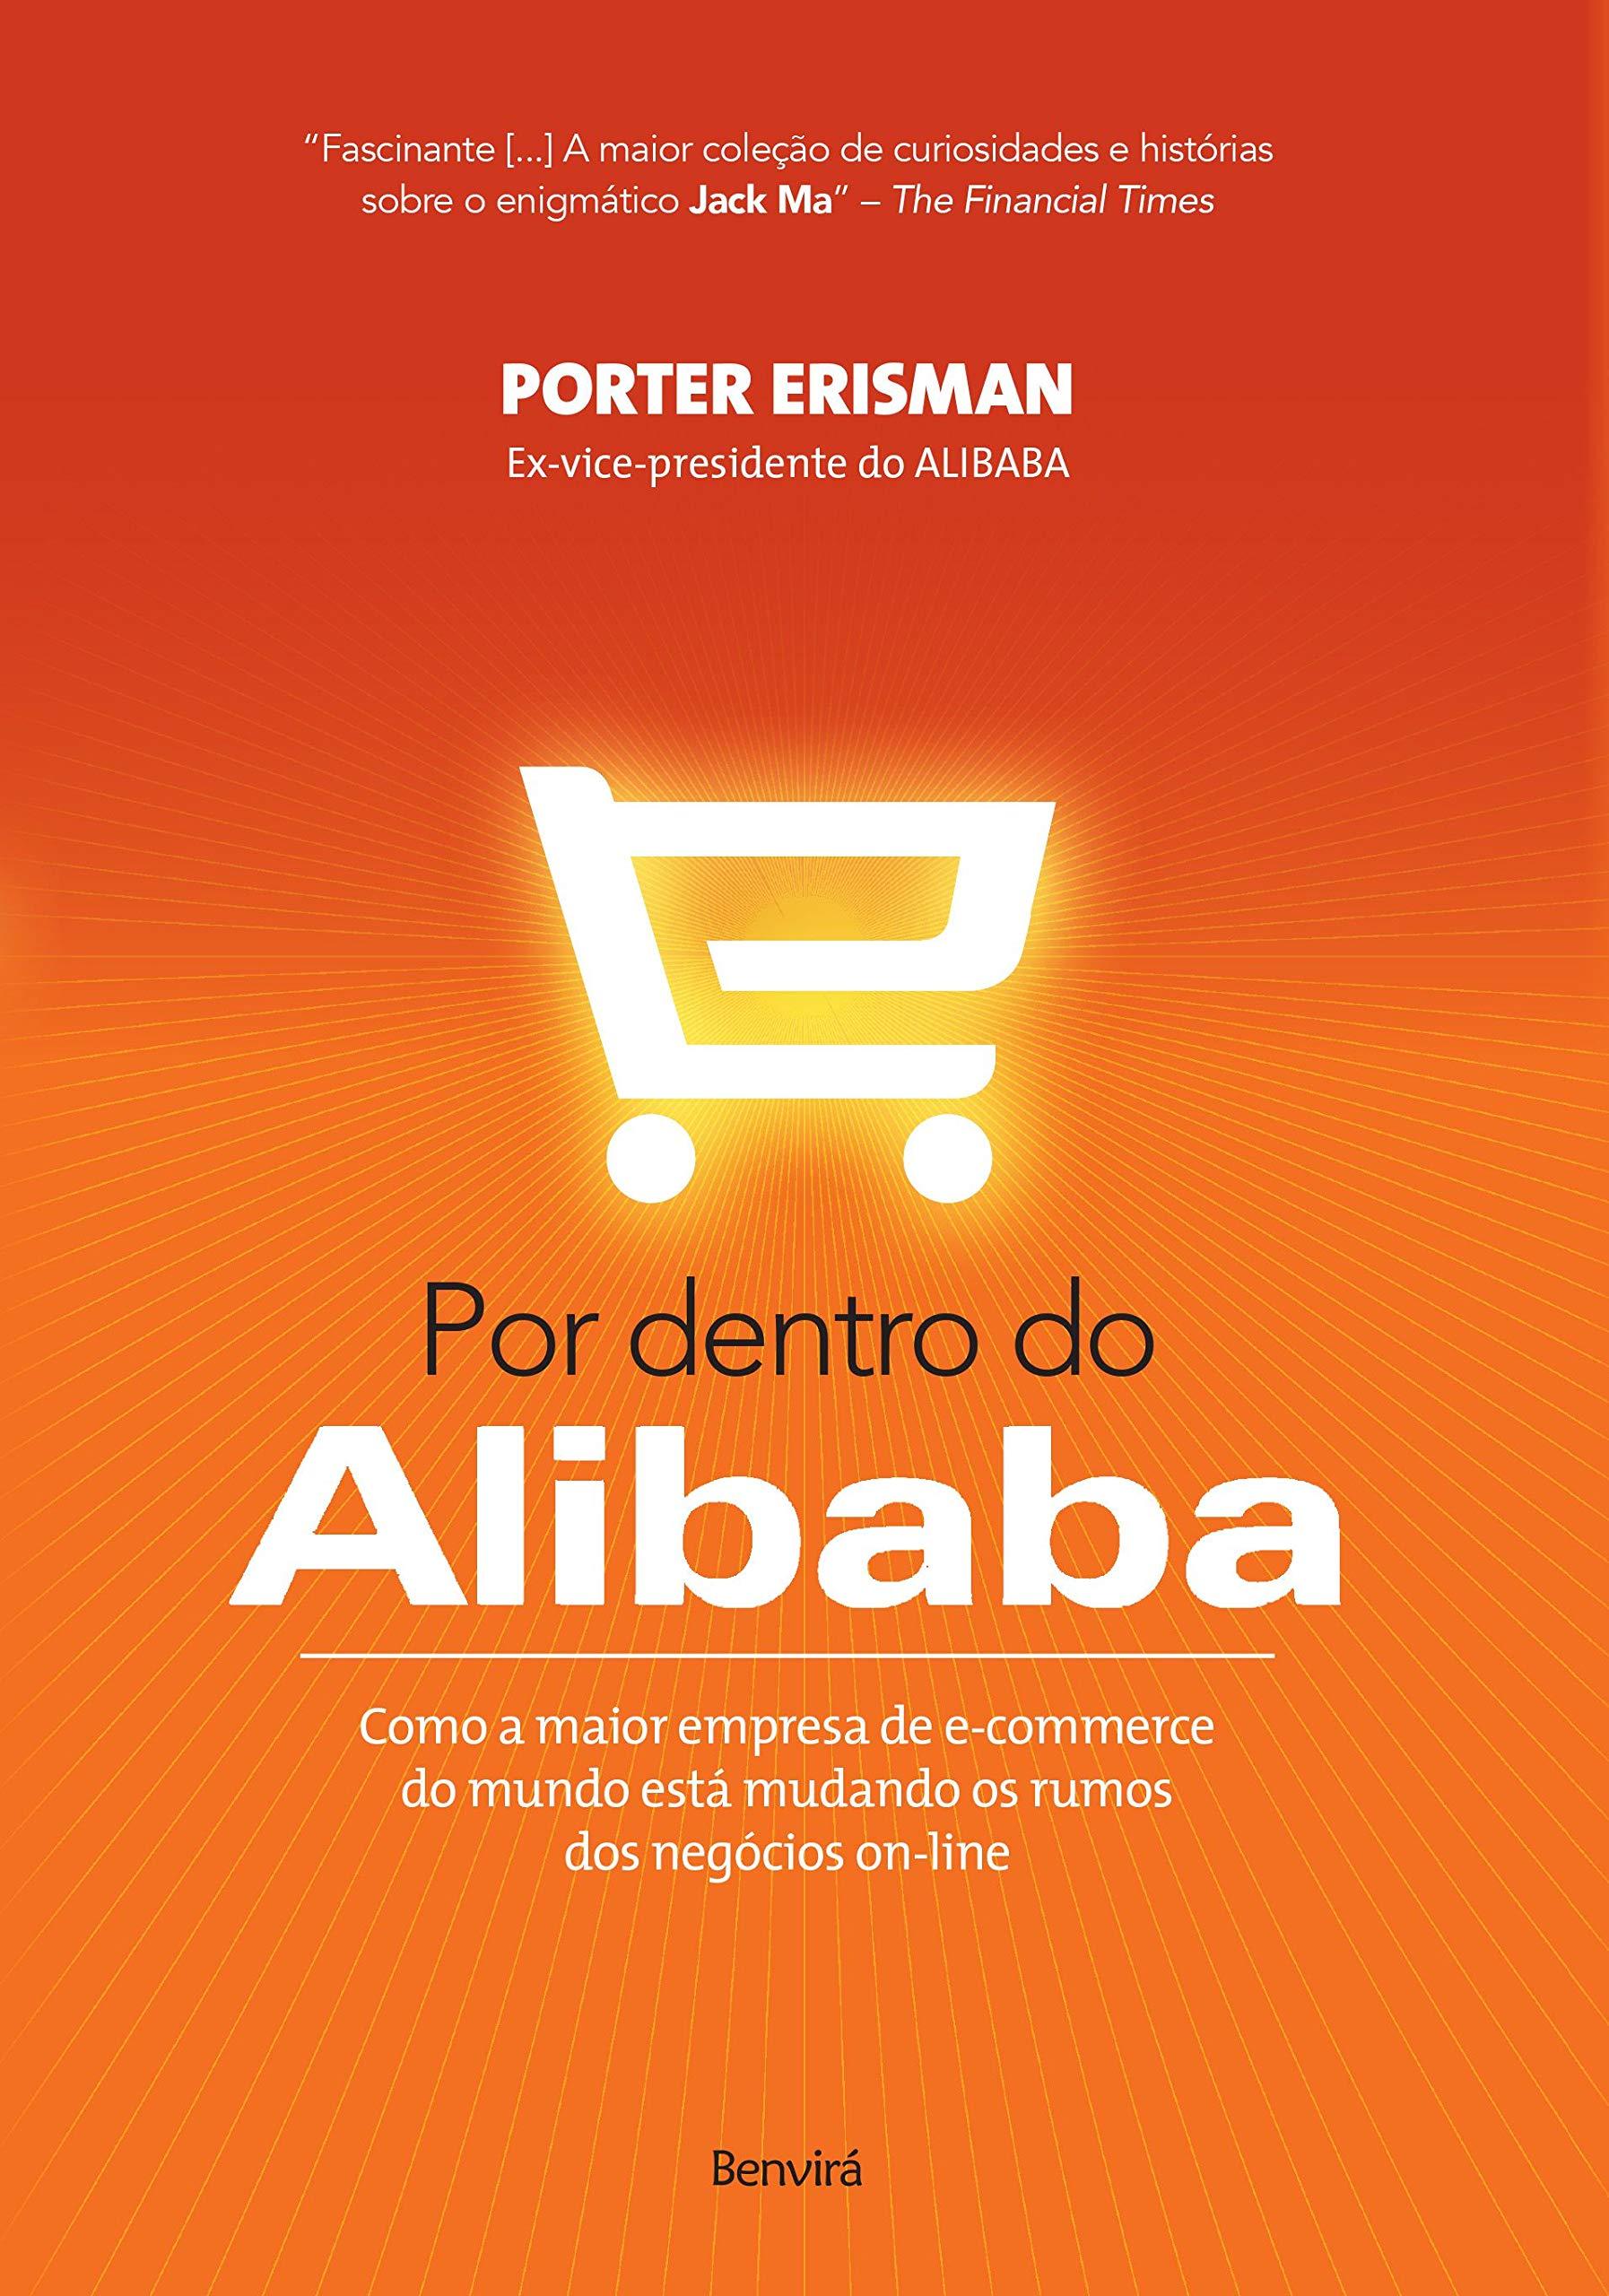 Por Dentro do Alibaba. Como a Maior Empresa de e-Commerce do Mundo Está Mudando os Rumos dos Negócios On-line: Amazon.es: Porter Erisman: Libros